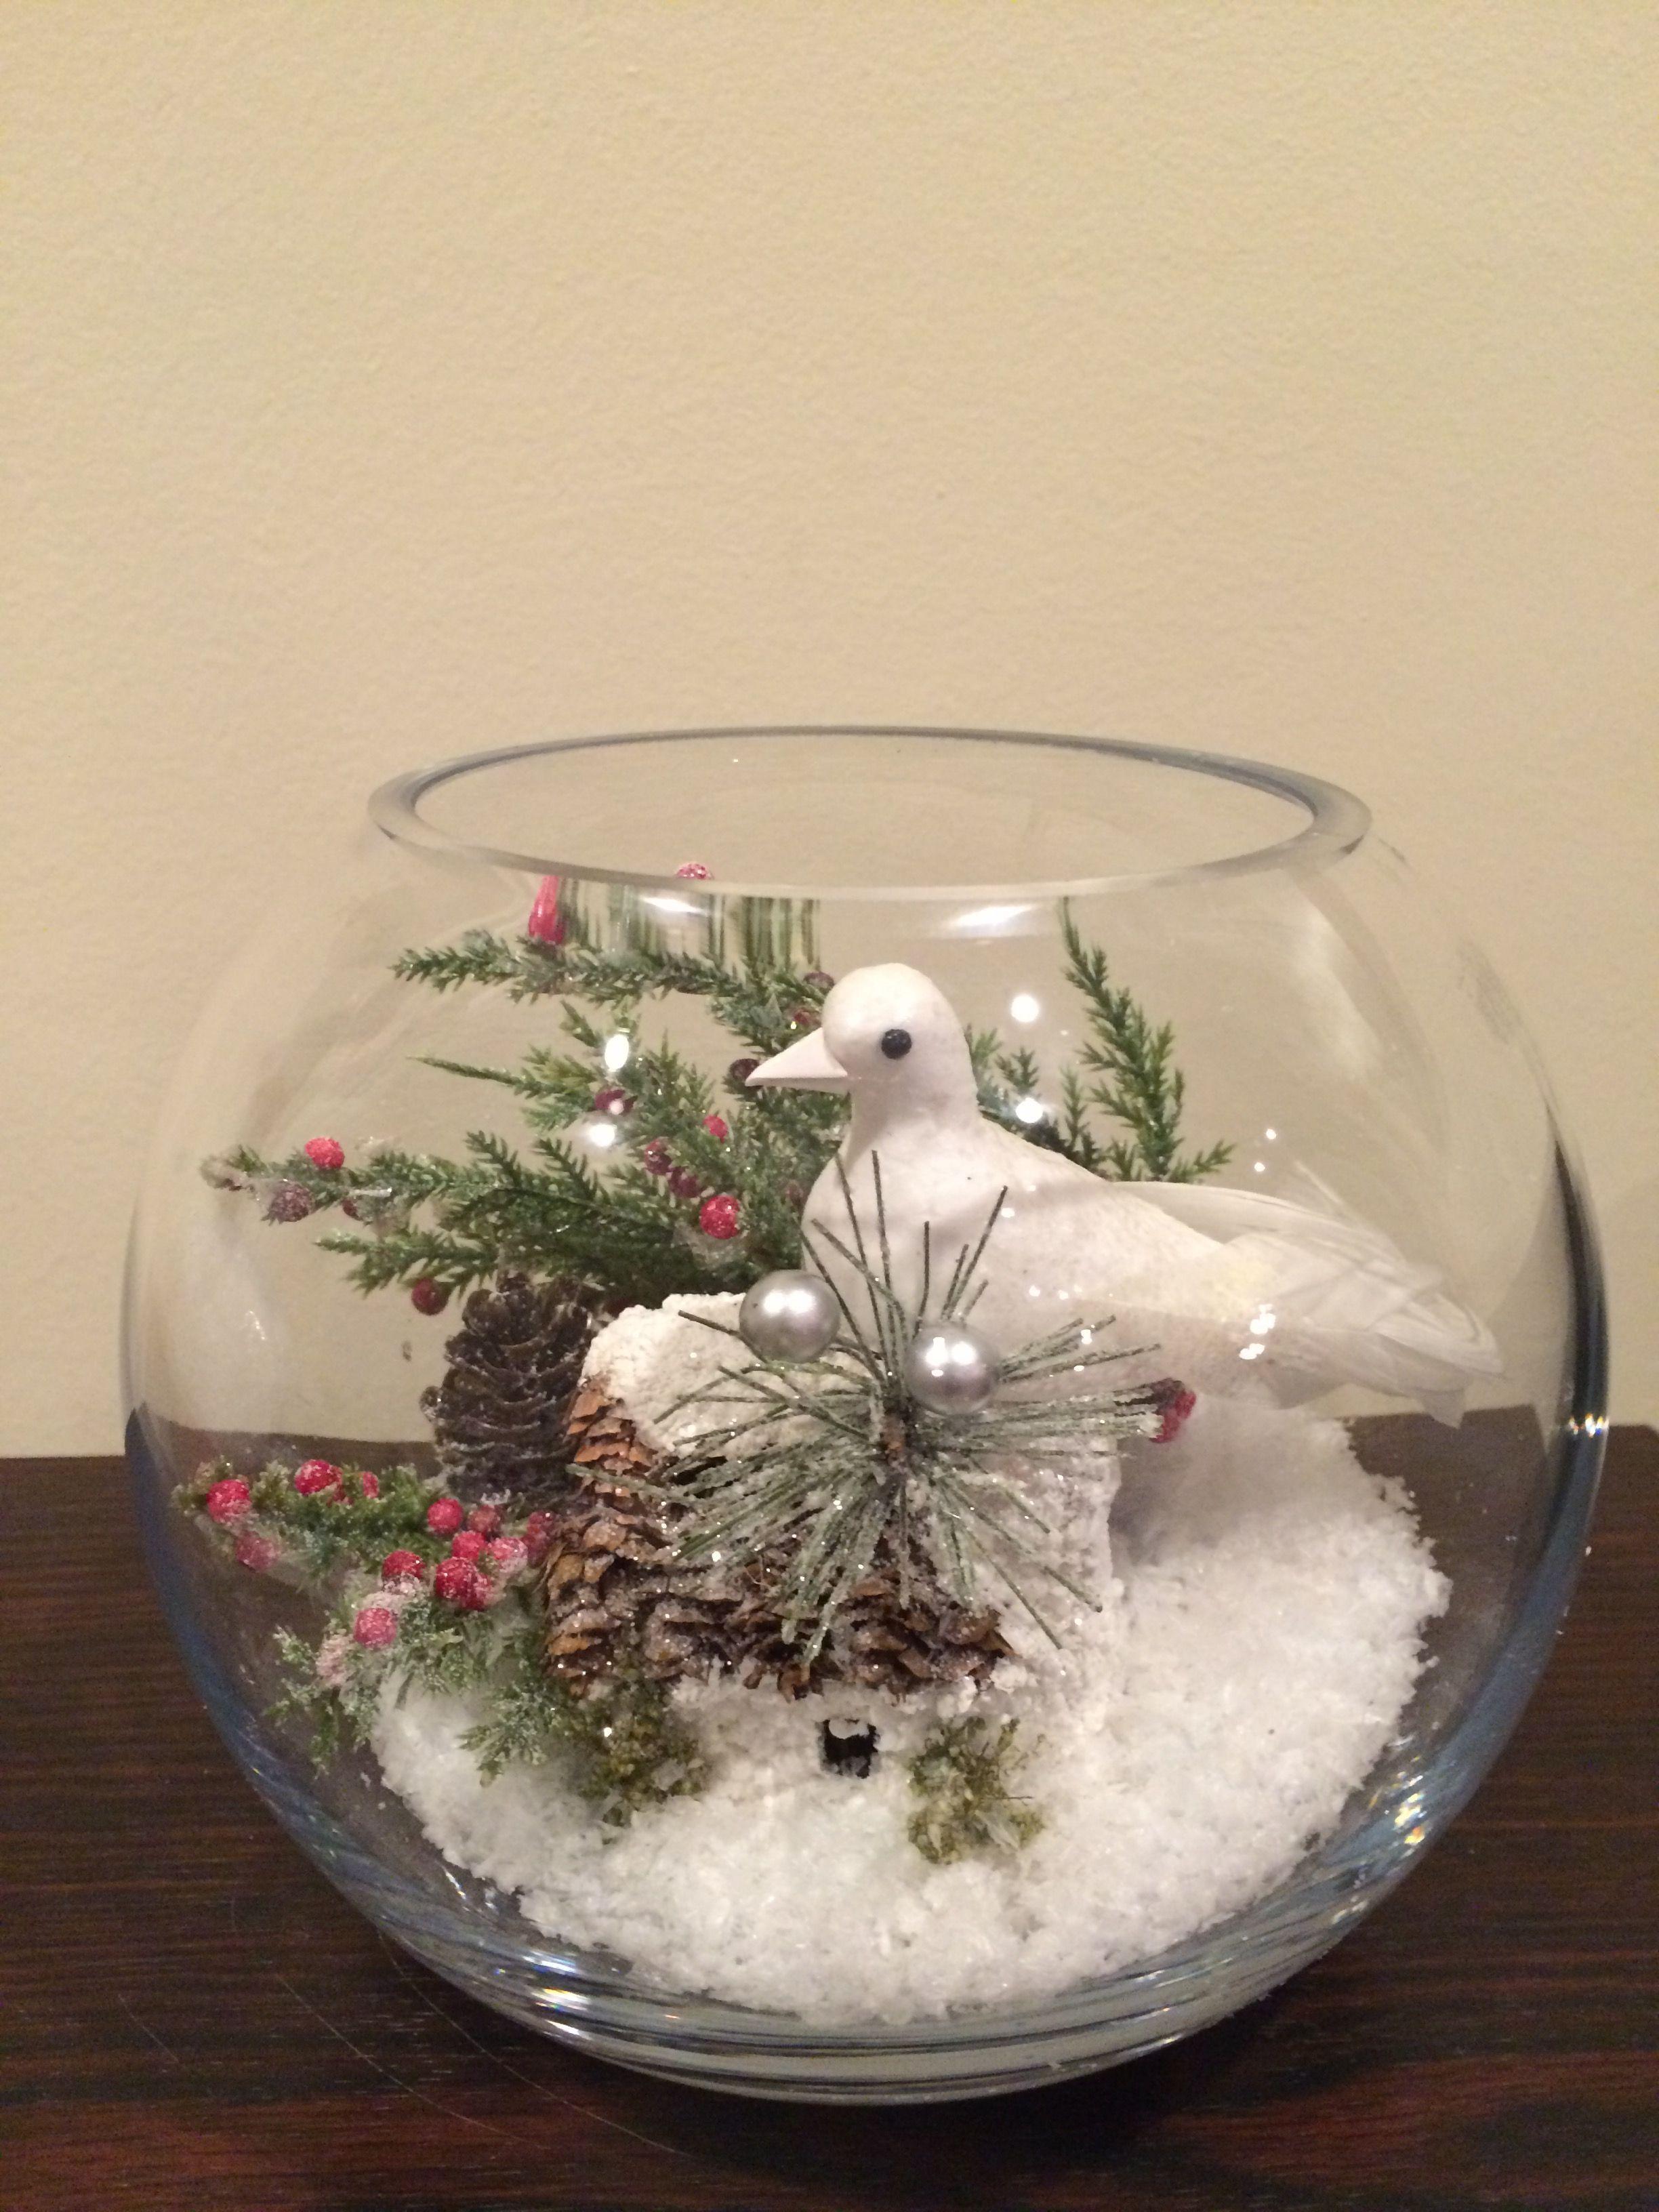 70 Christmas Decor Ideas Christmas Table Decorations Christmas Centerpieces Christmas Decor Diy